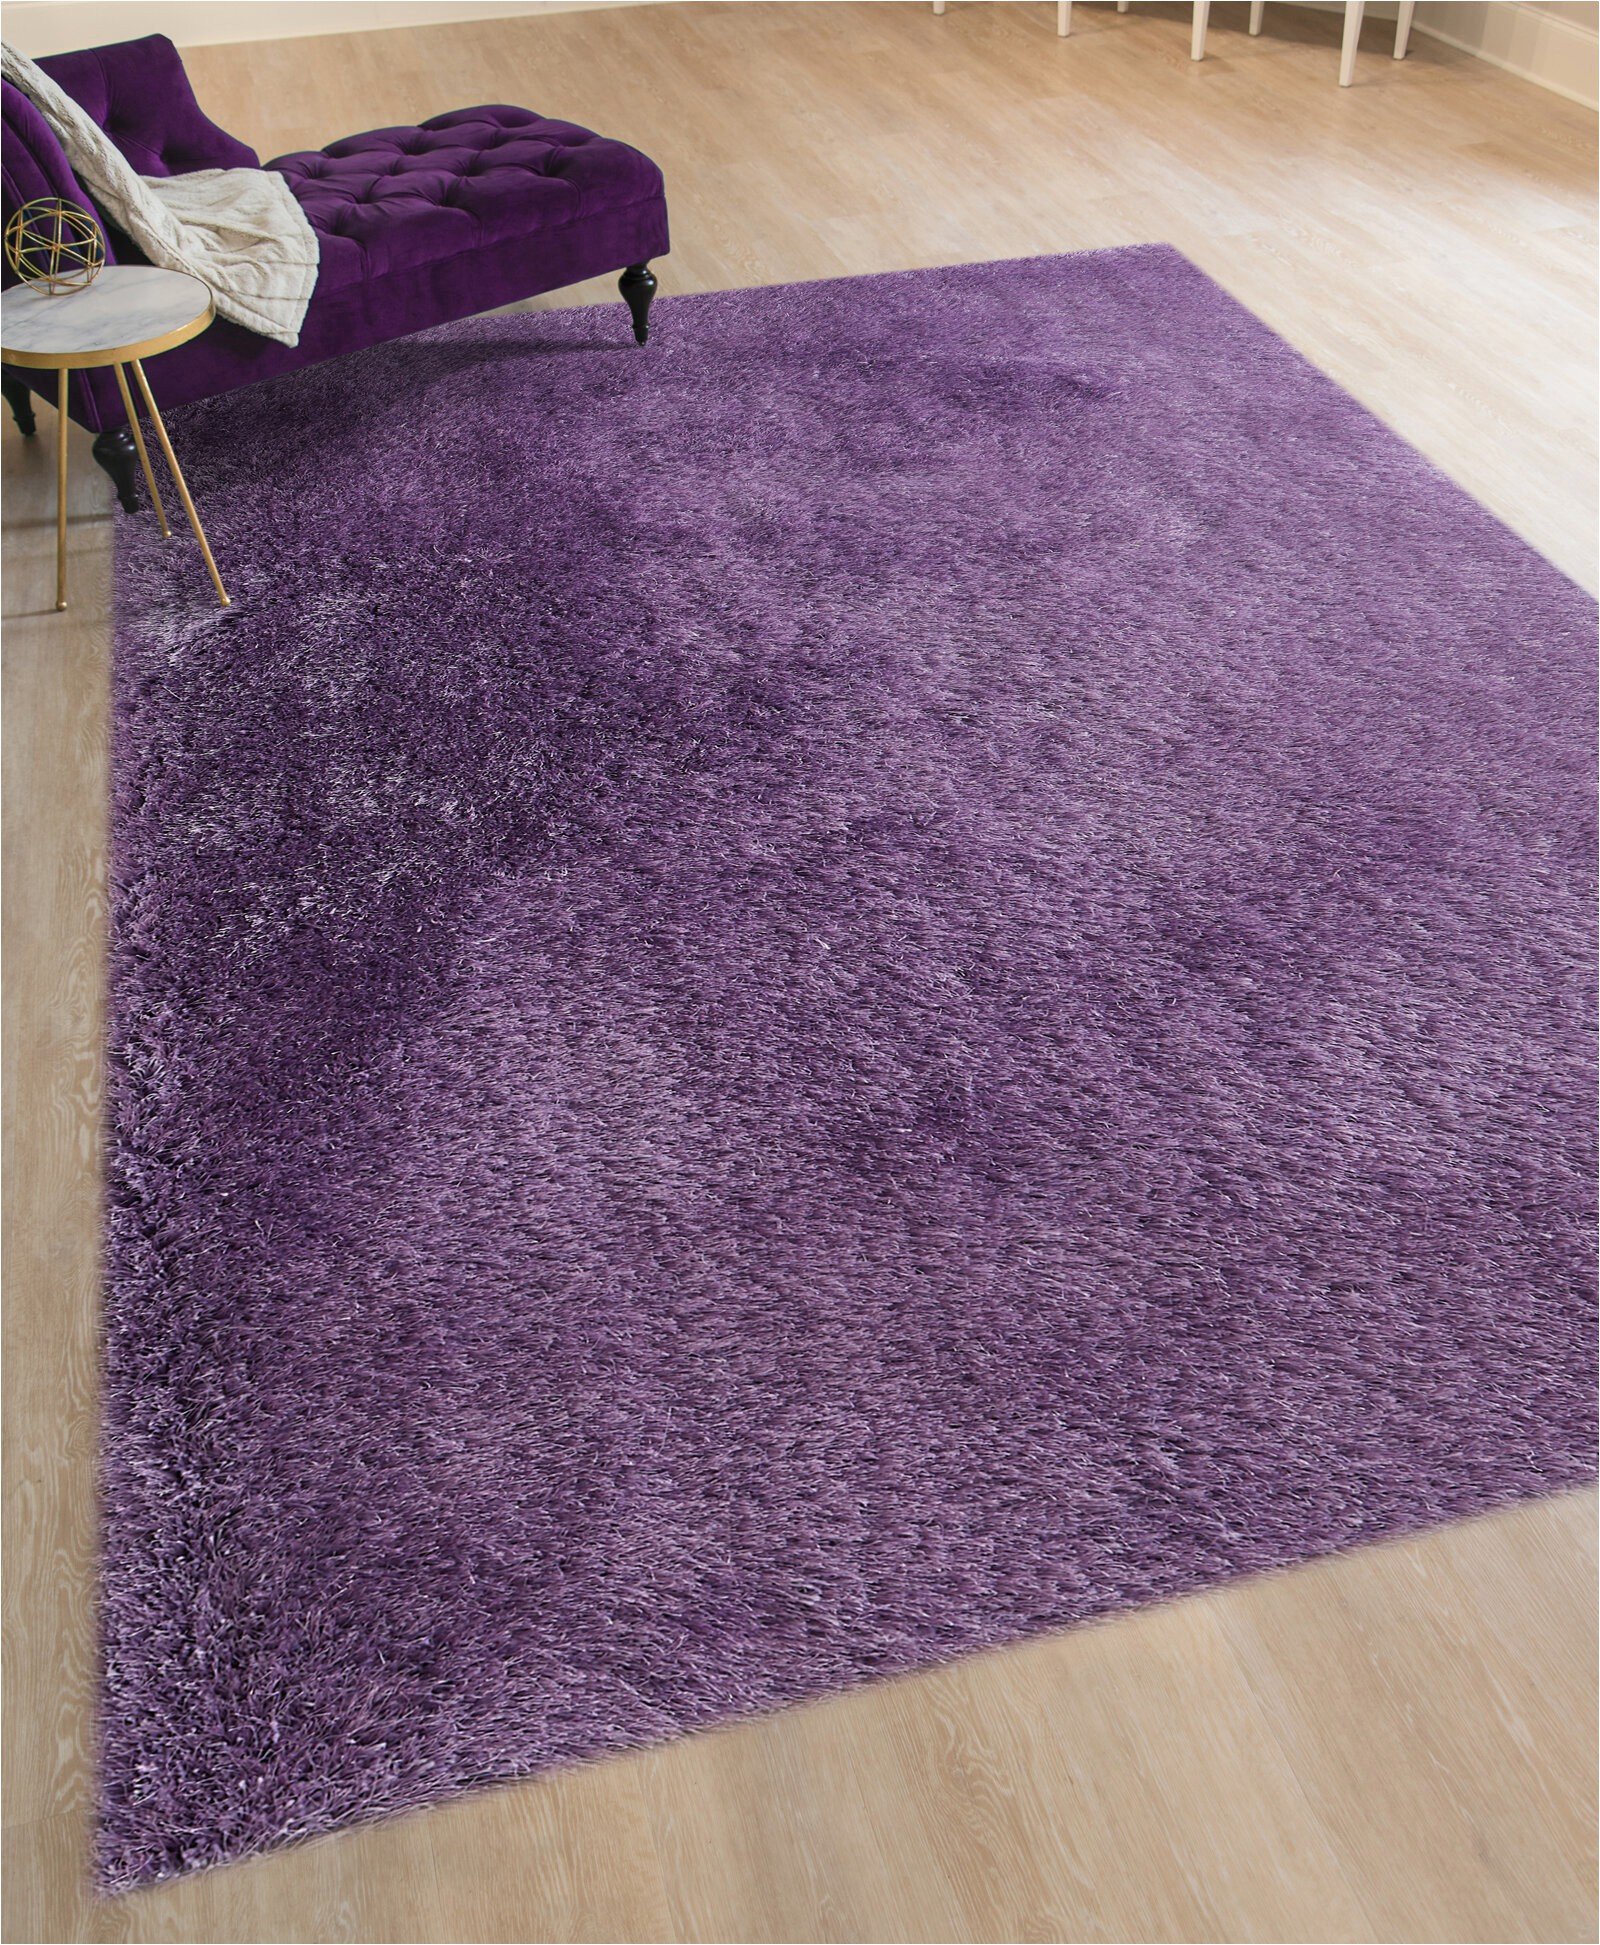 Purple area Rug for Bedroom Kiger Purple area Rug